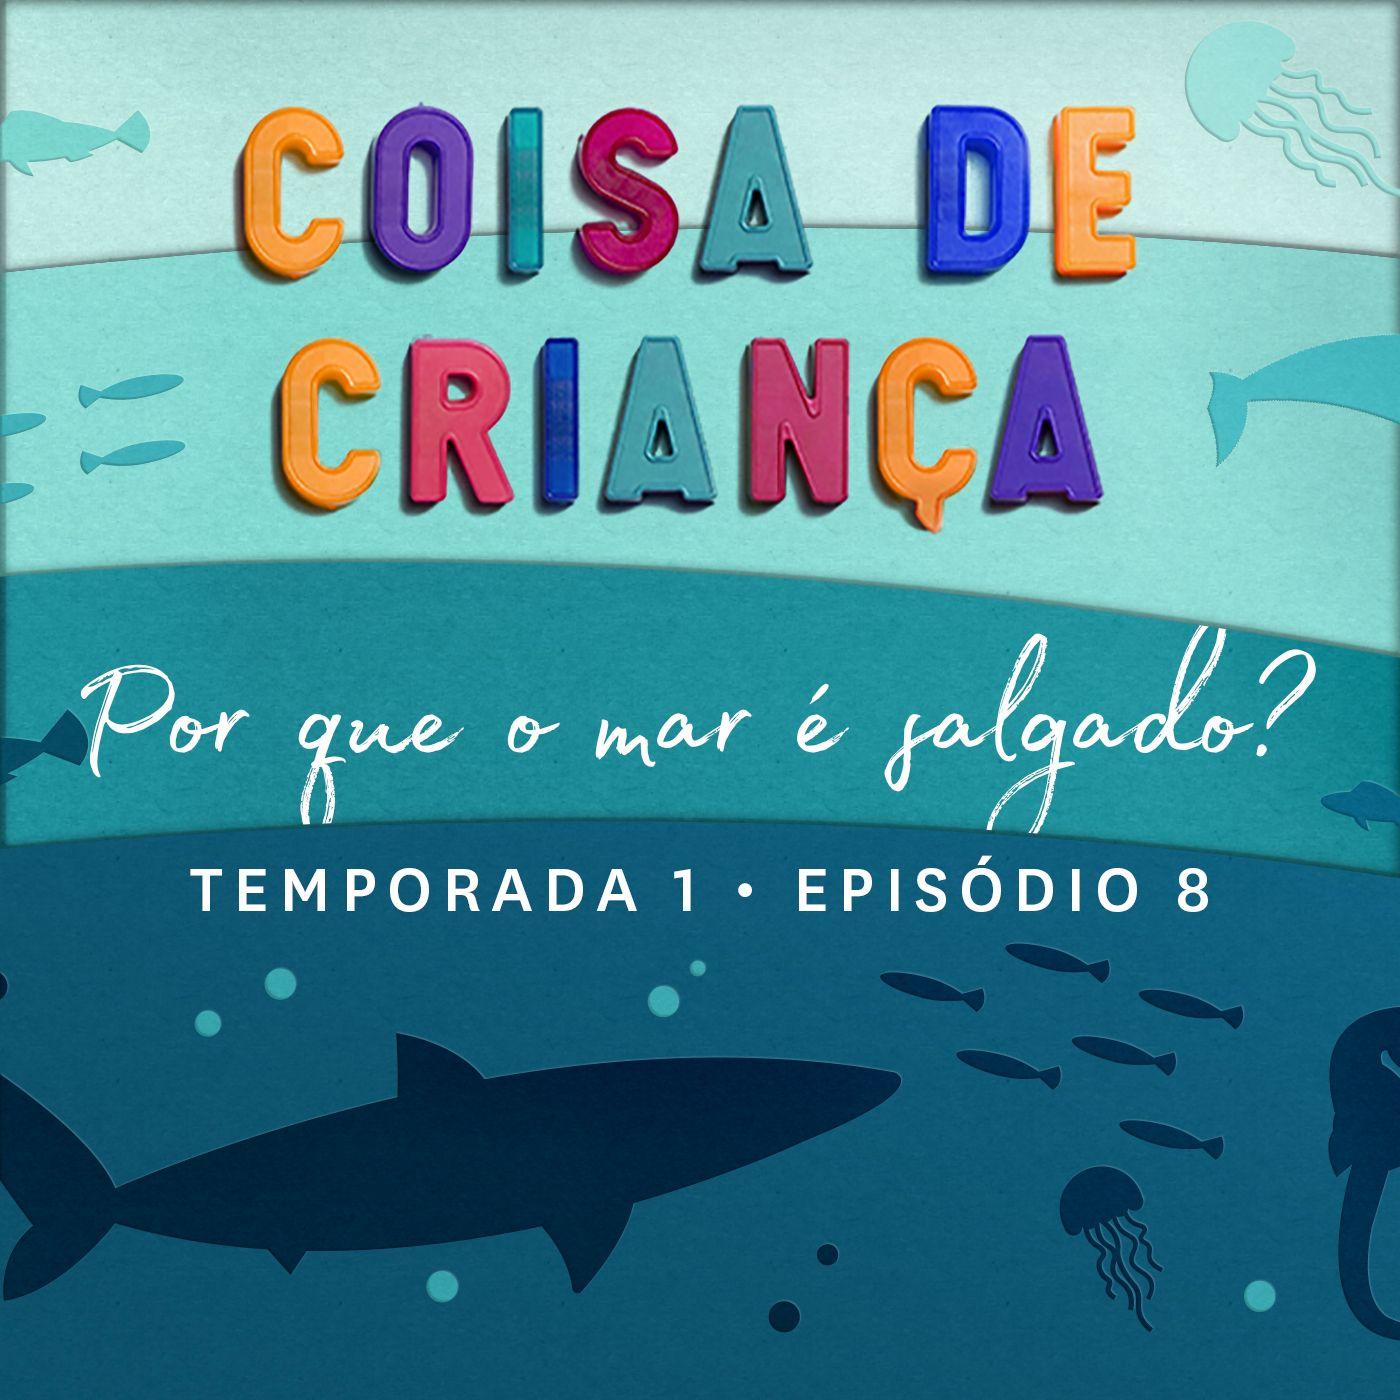 Por Que o Mar é Salgado? - Temporada 1 - Episódio 8